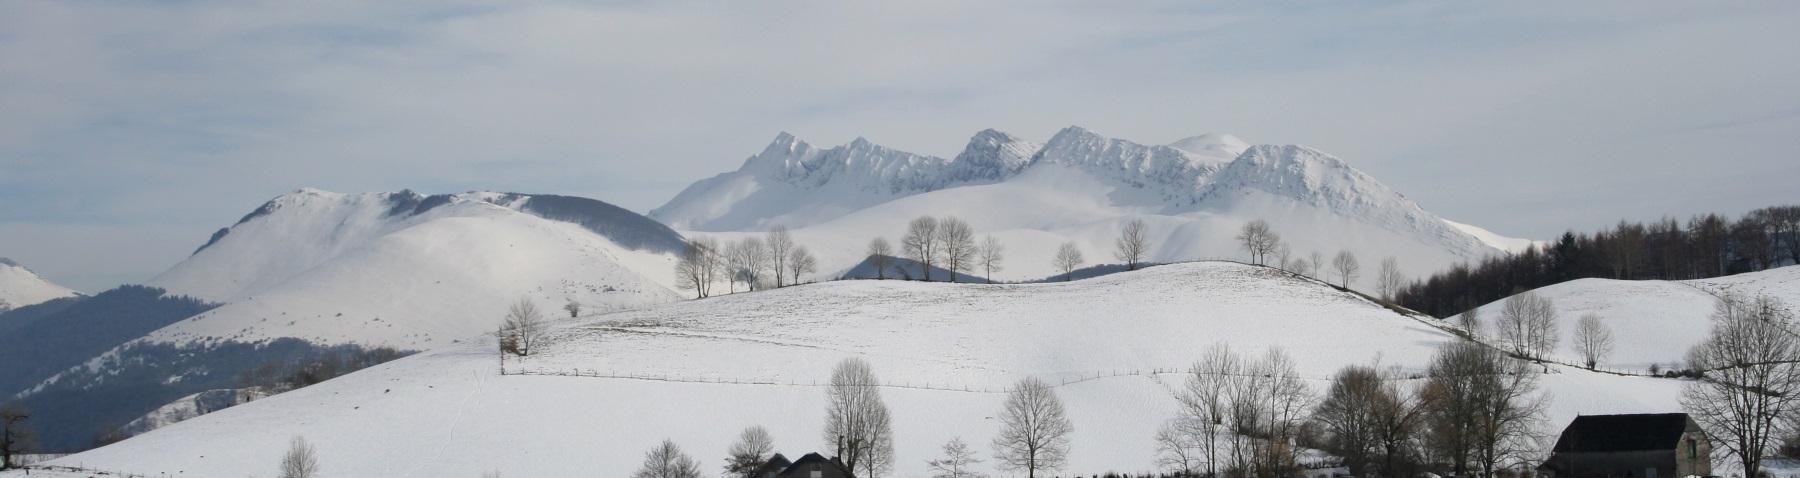 Ski Club des Bleuets